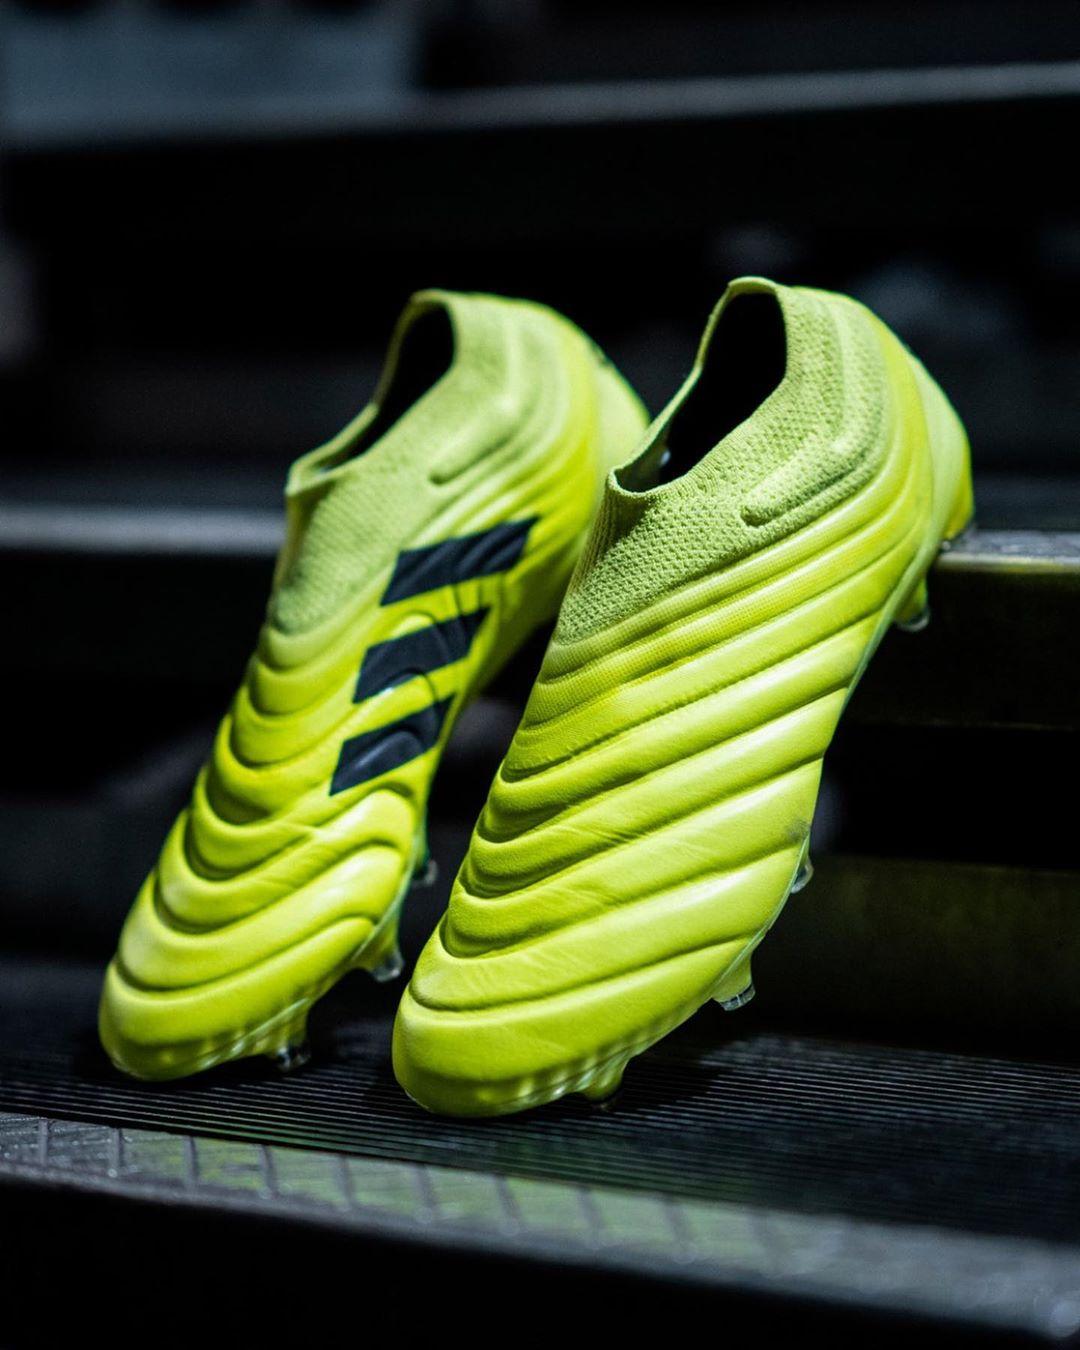 Copa é uma das chuteiras da Adidas mostrada em detalhes